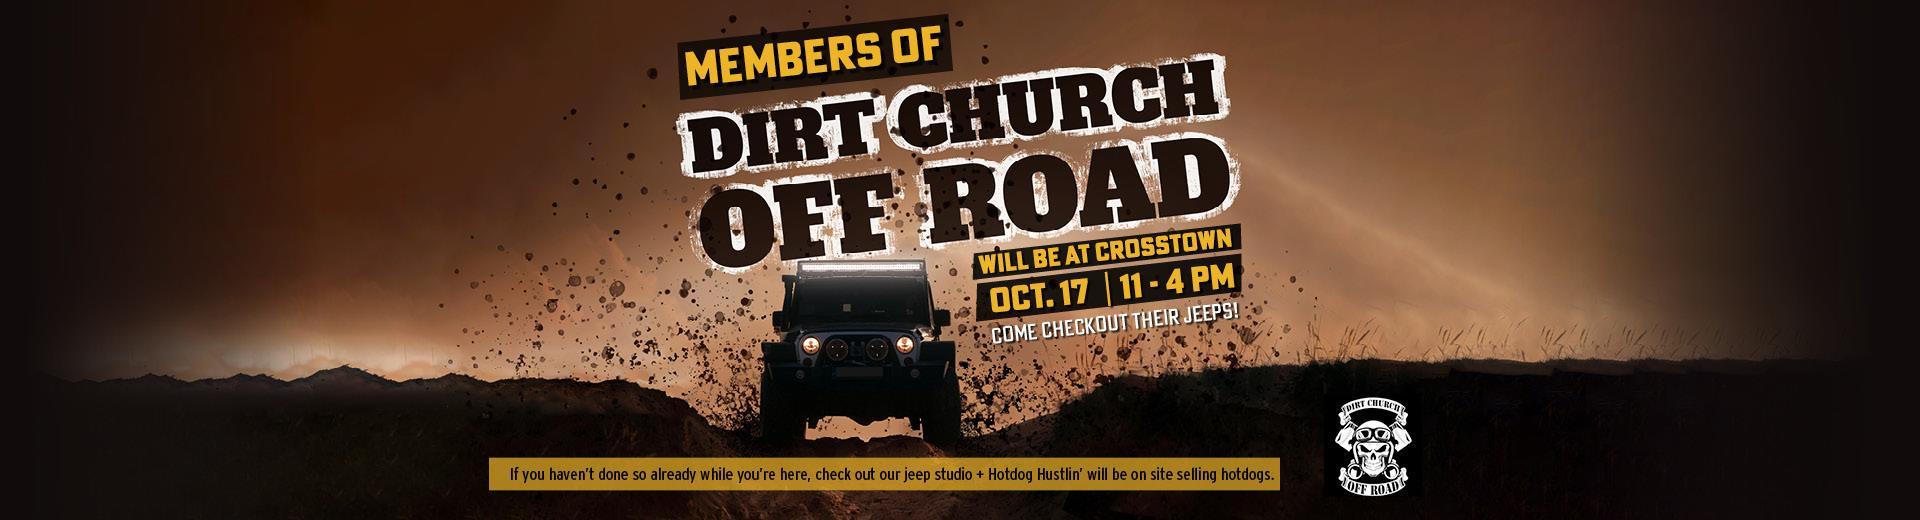 Dirt Church Evenet Banner